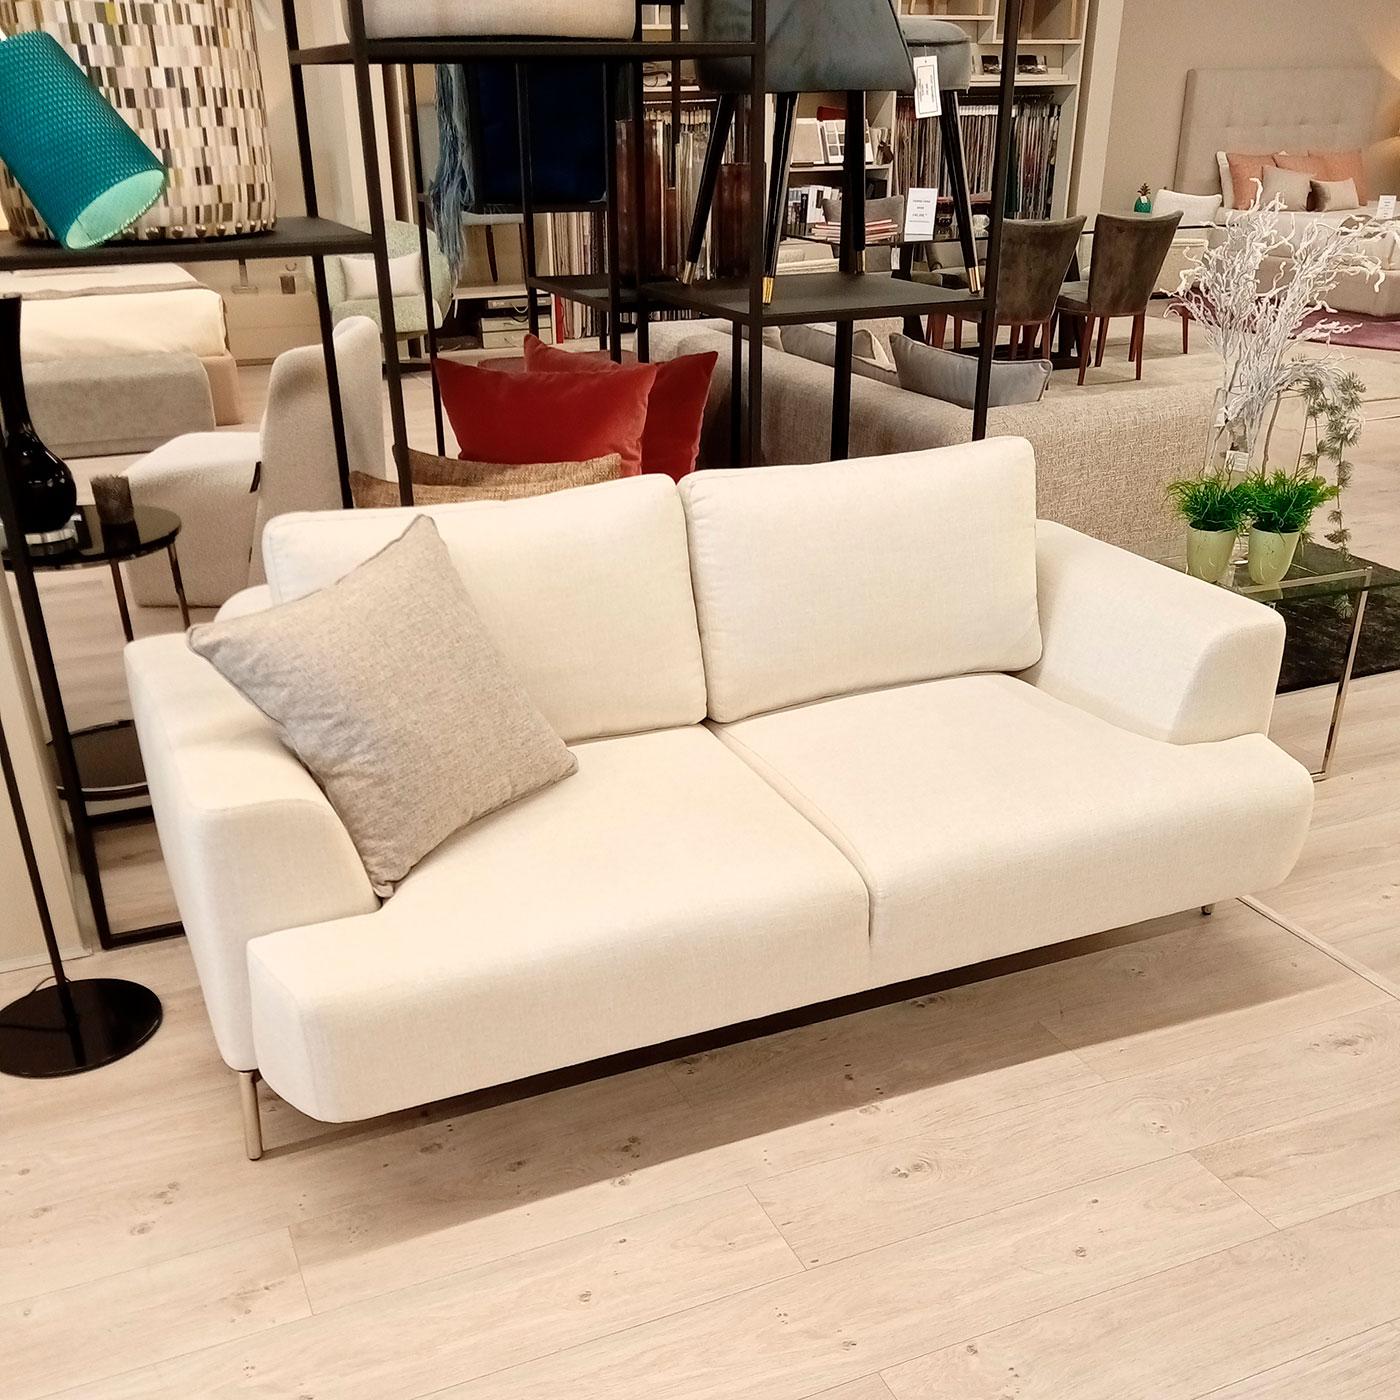 sofa-tais-domkapa